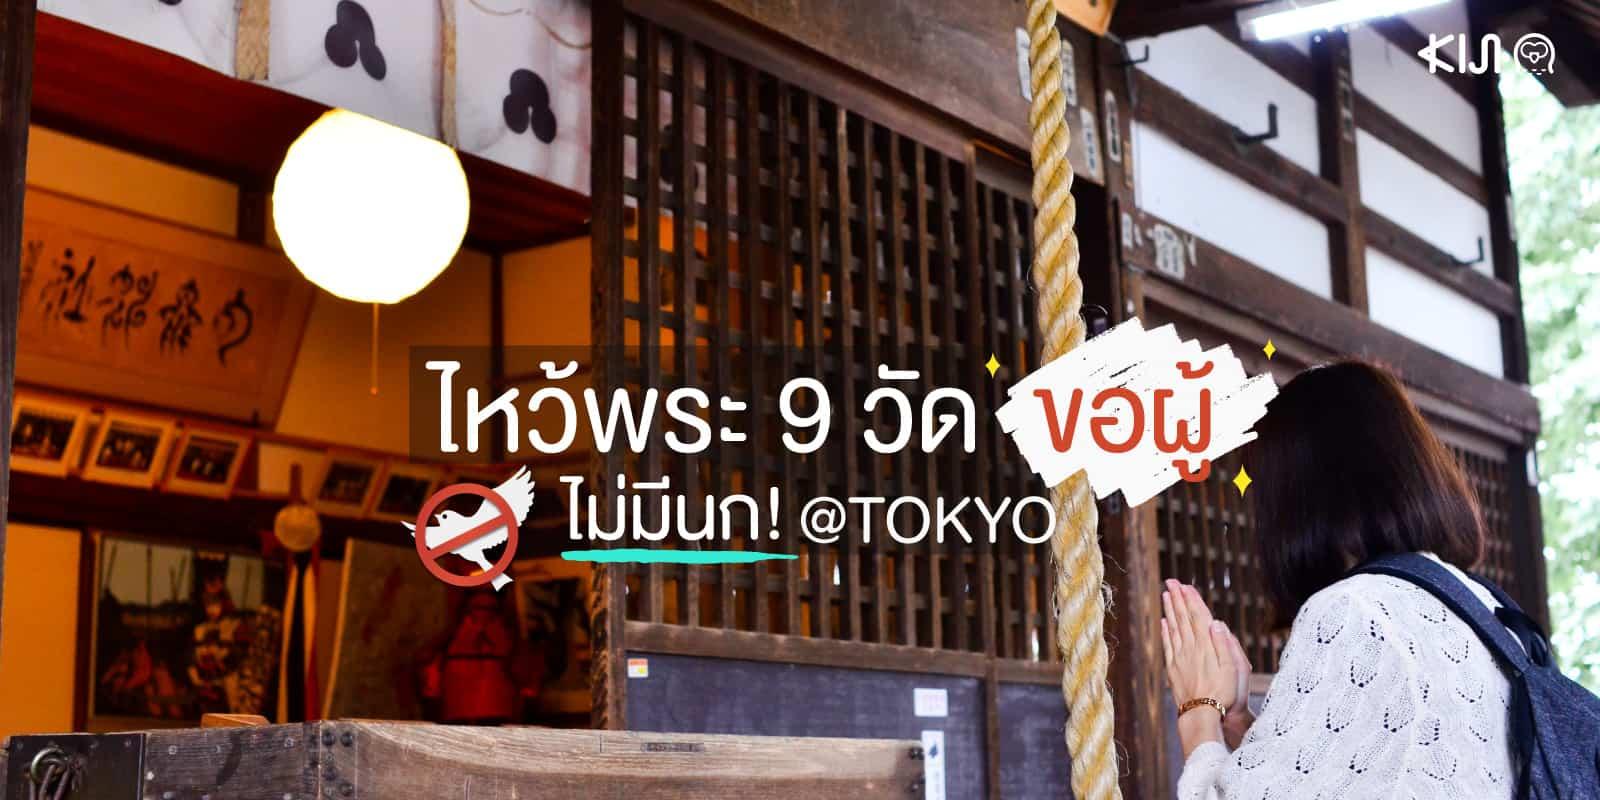 วัด ขอผู้ ขอพรเรื่องความรัก โตเกียว